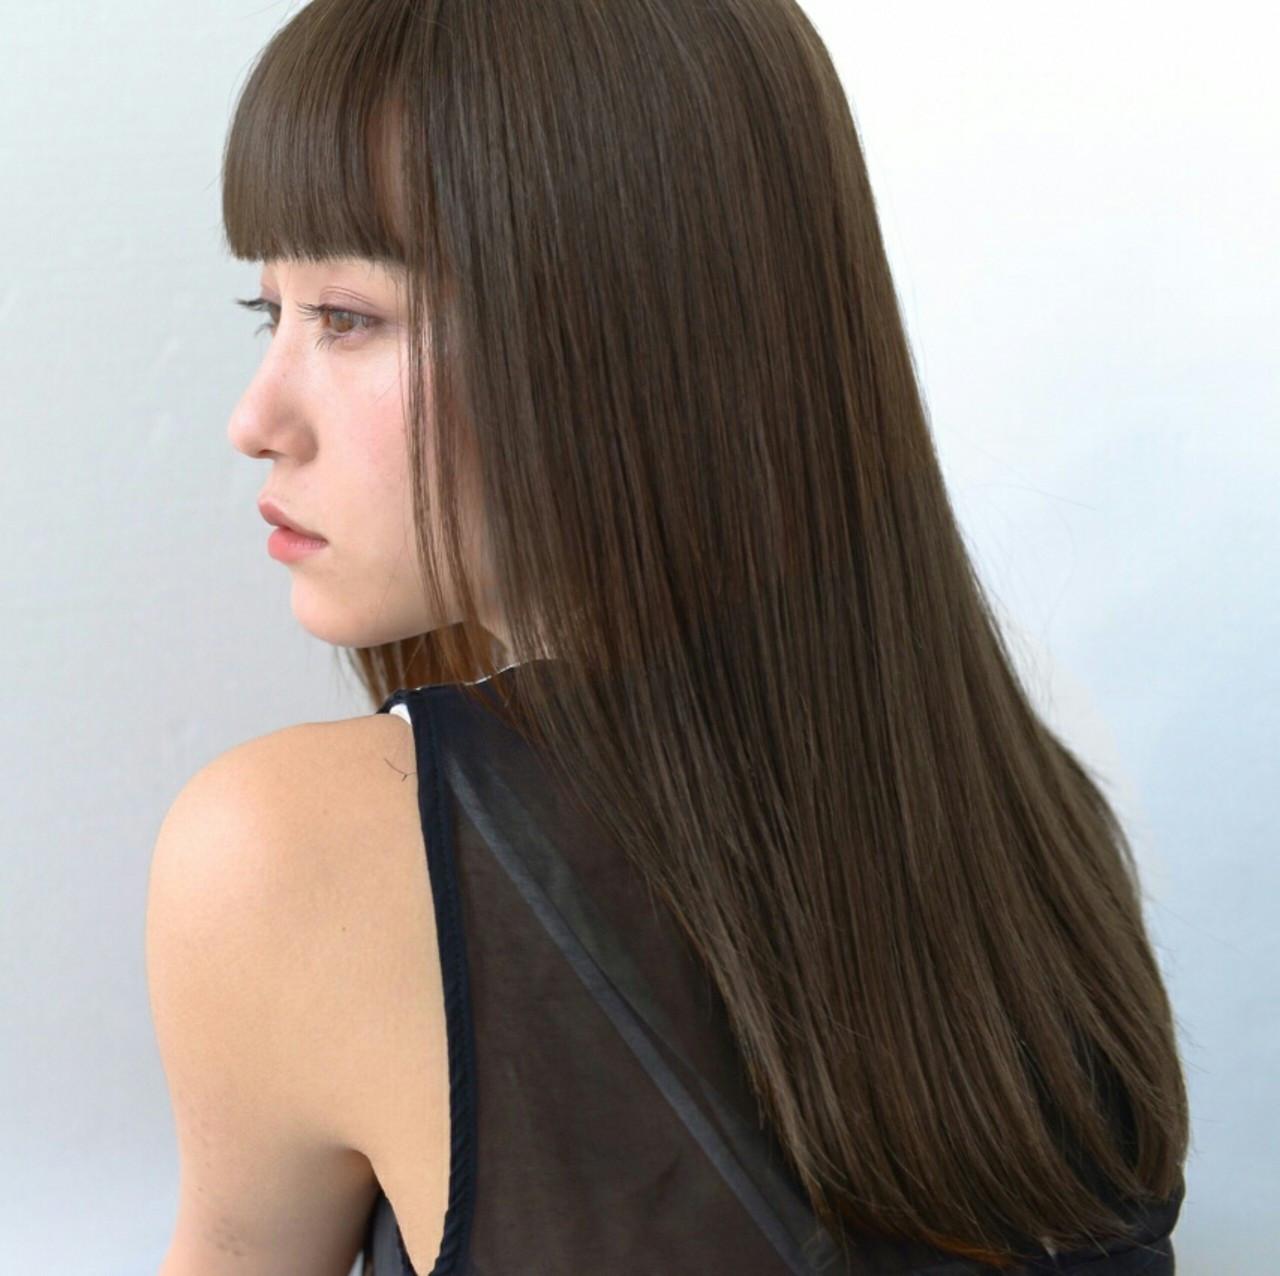 ツヤのある美髪に導いてくれる! 萩原 翔志也/vicca